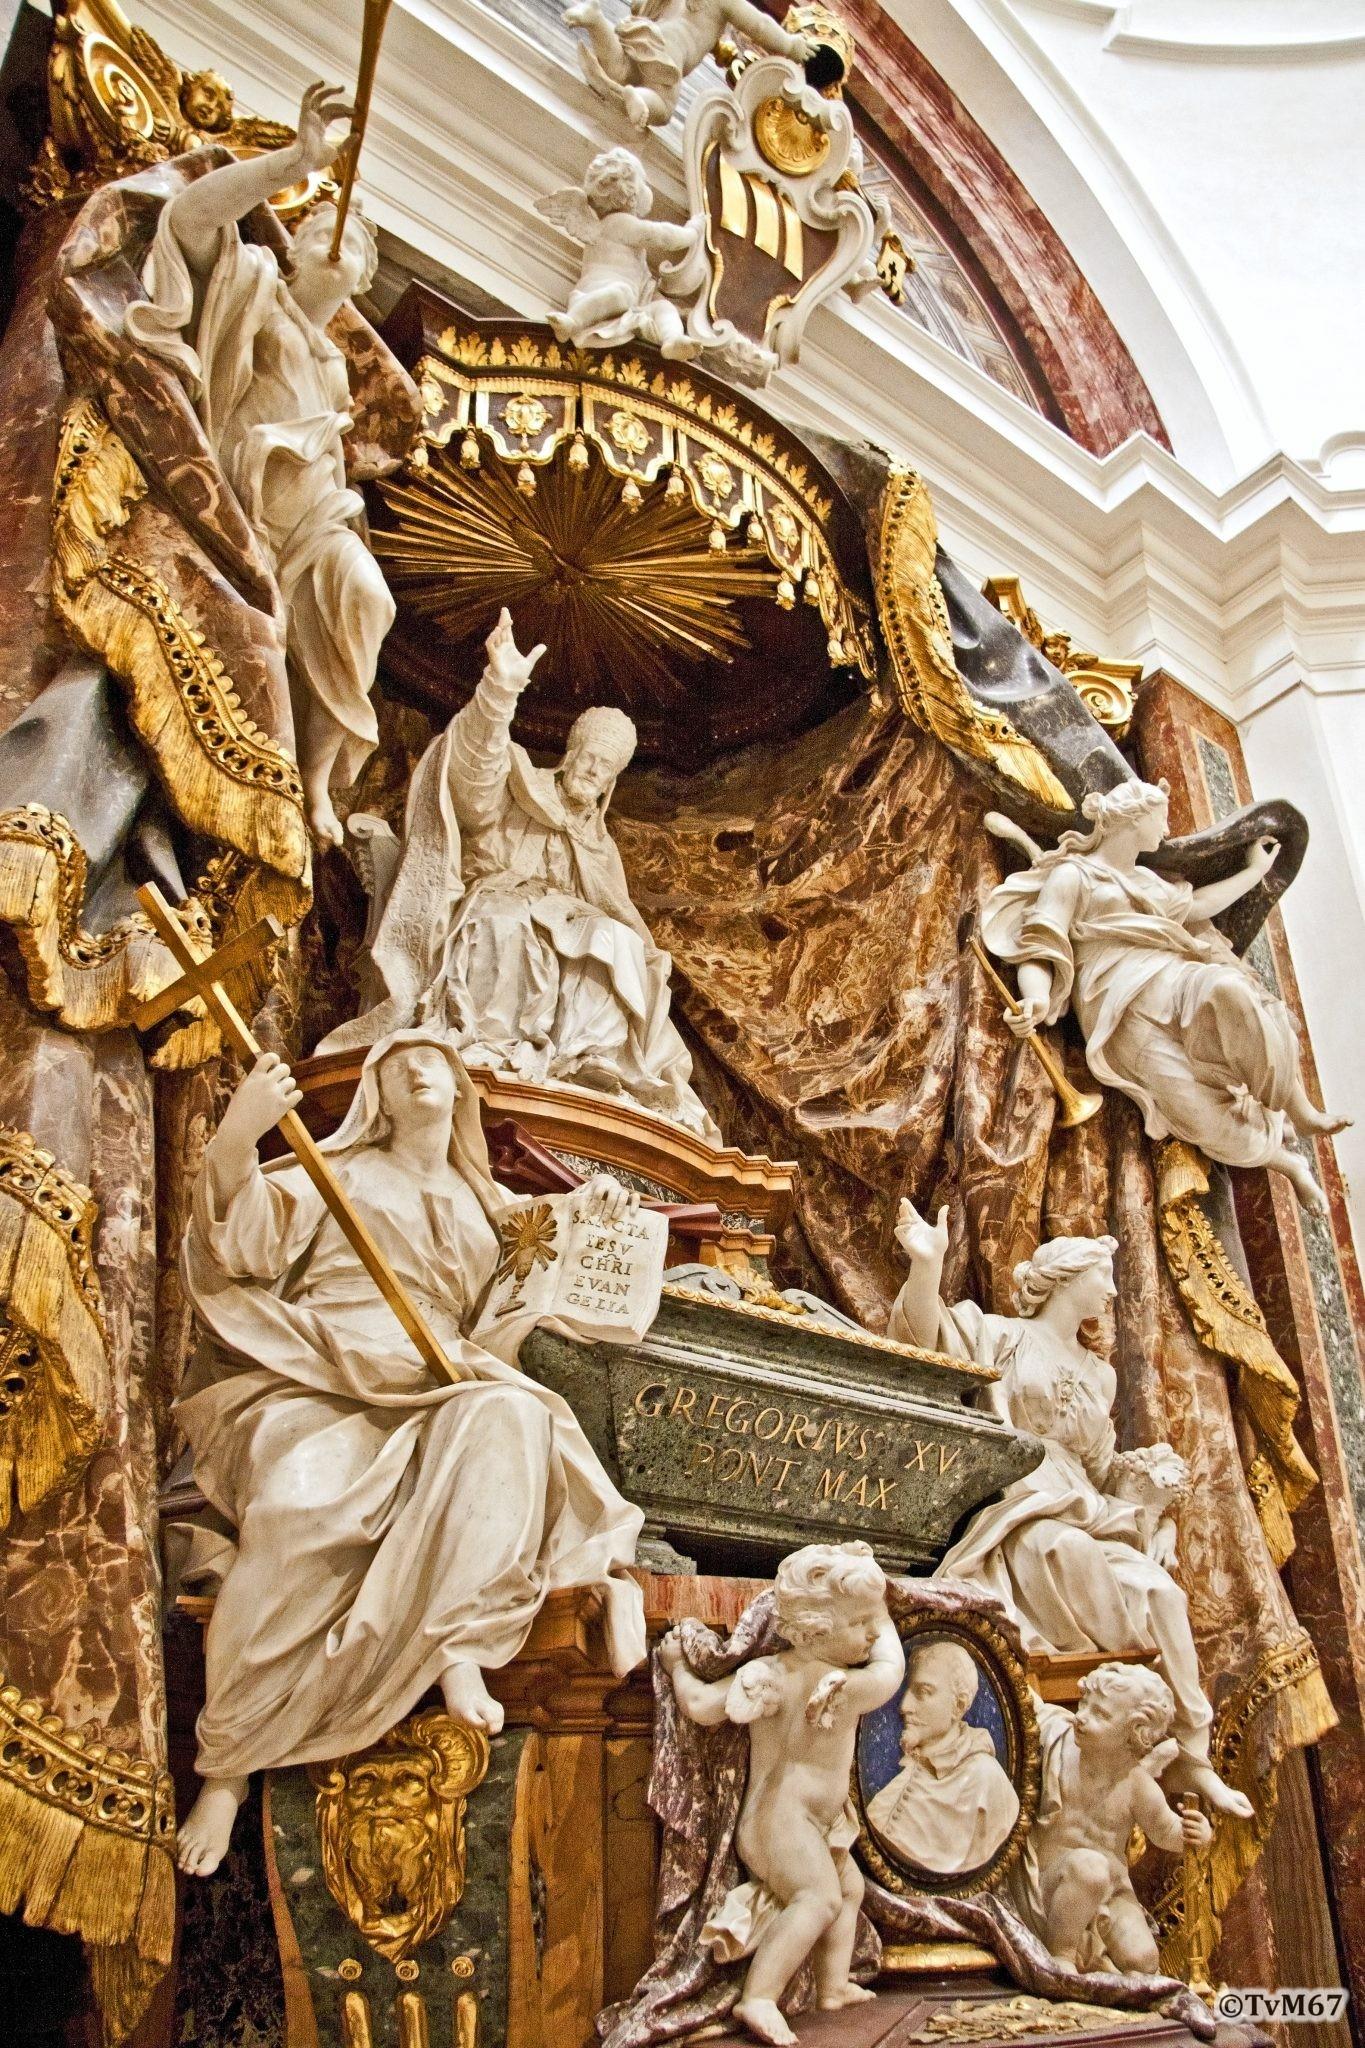 Roma, Chiesa di Sant'Ignazio, Cappella Ludovisi, Cappella Ludovisi, Legros en Monnot, Monument van paus GregoriusXV en van kardinaal Ludovisi